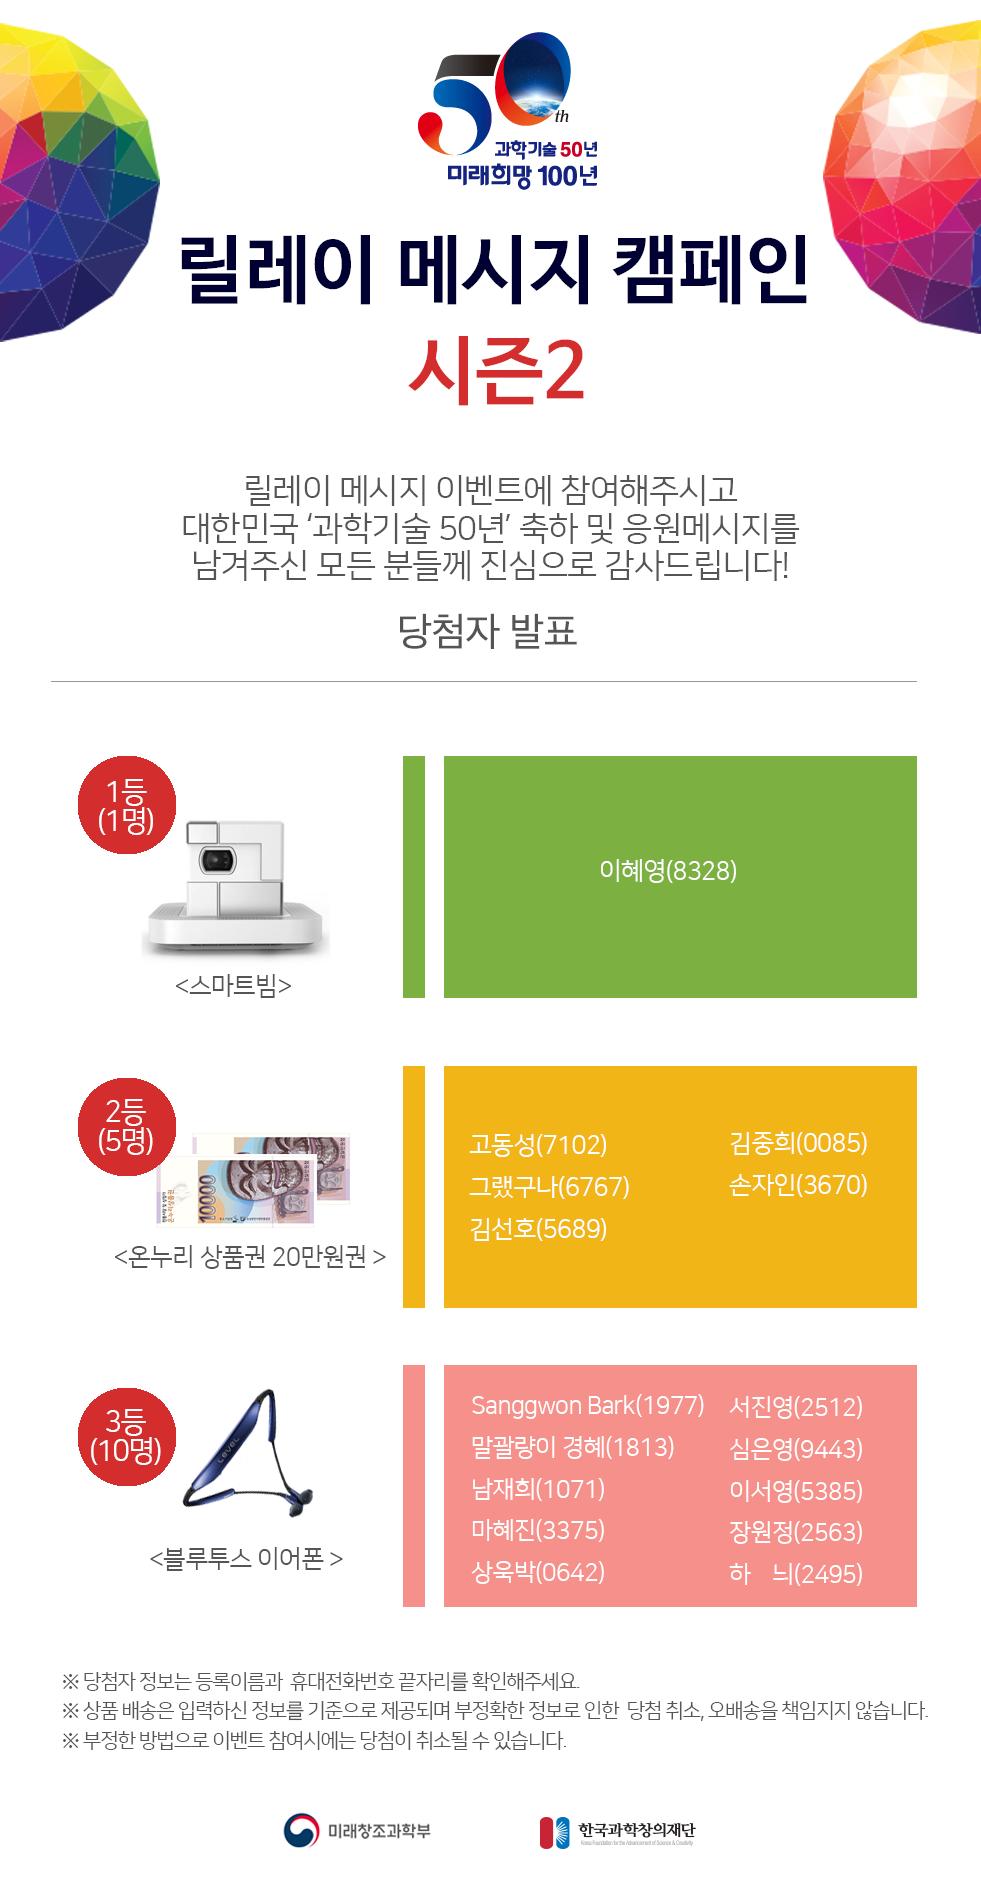 [시즌2]_릴레이캠페인_이벤트_당첨자_발표_이미지_R